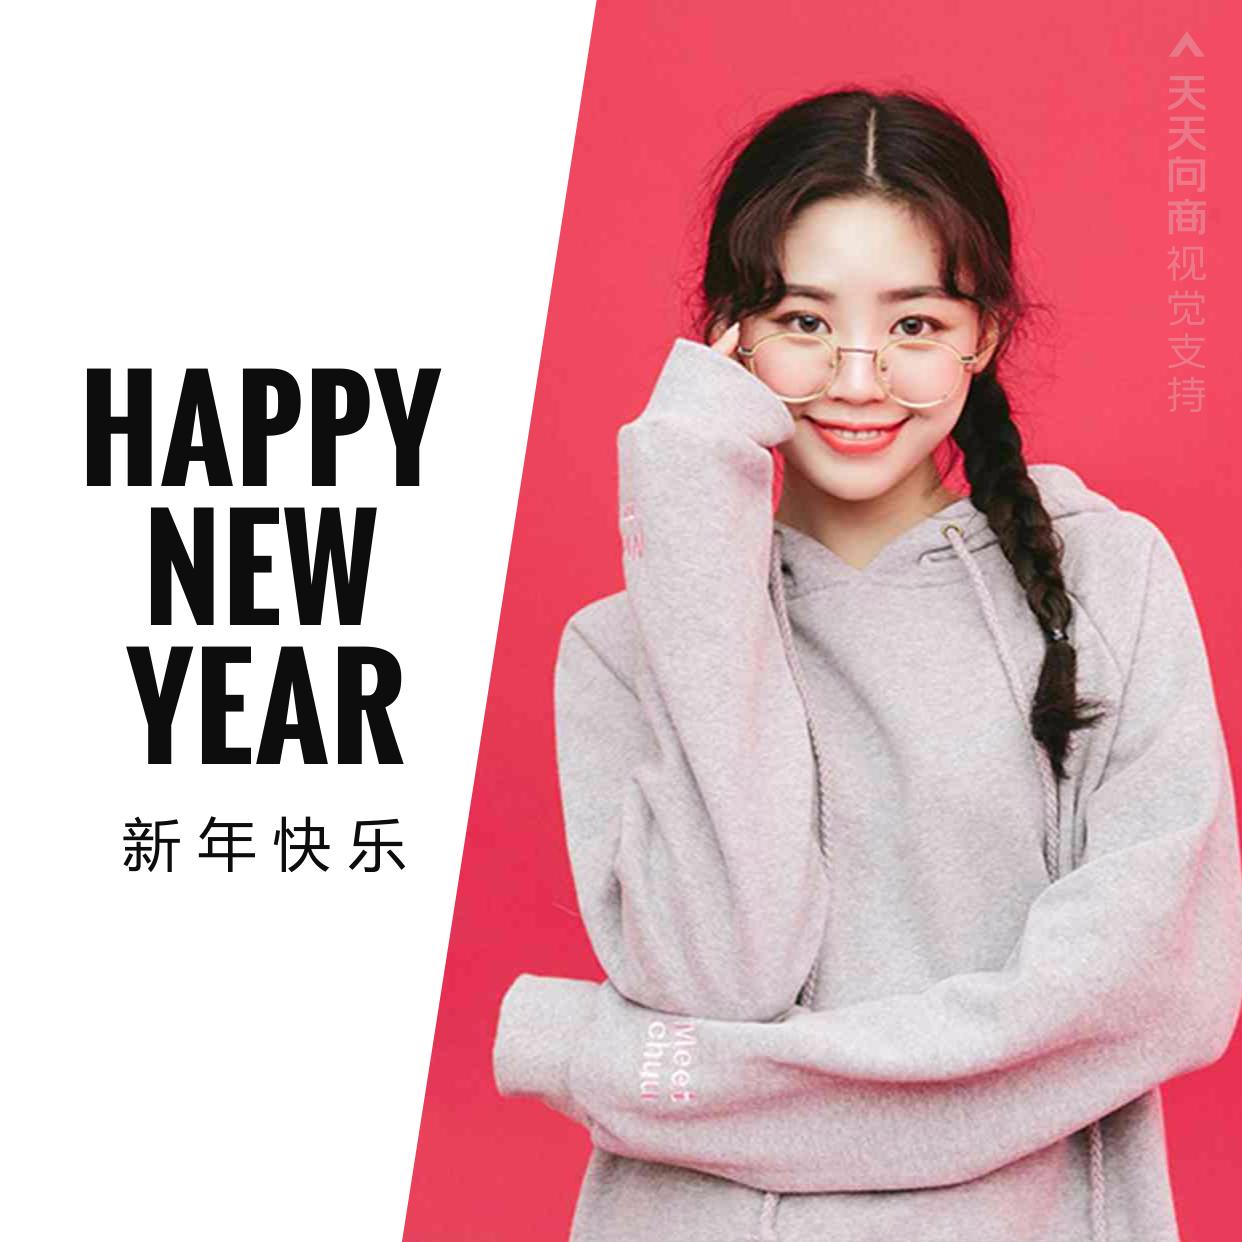 文艺简约新年快乐海报